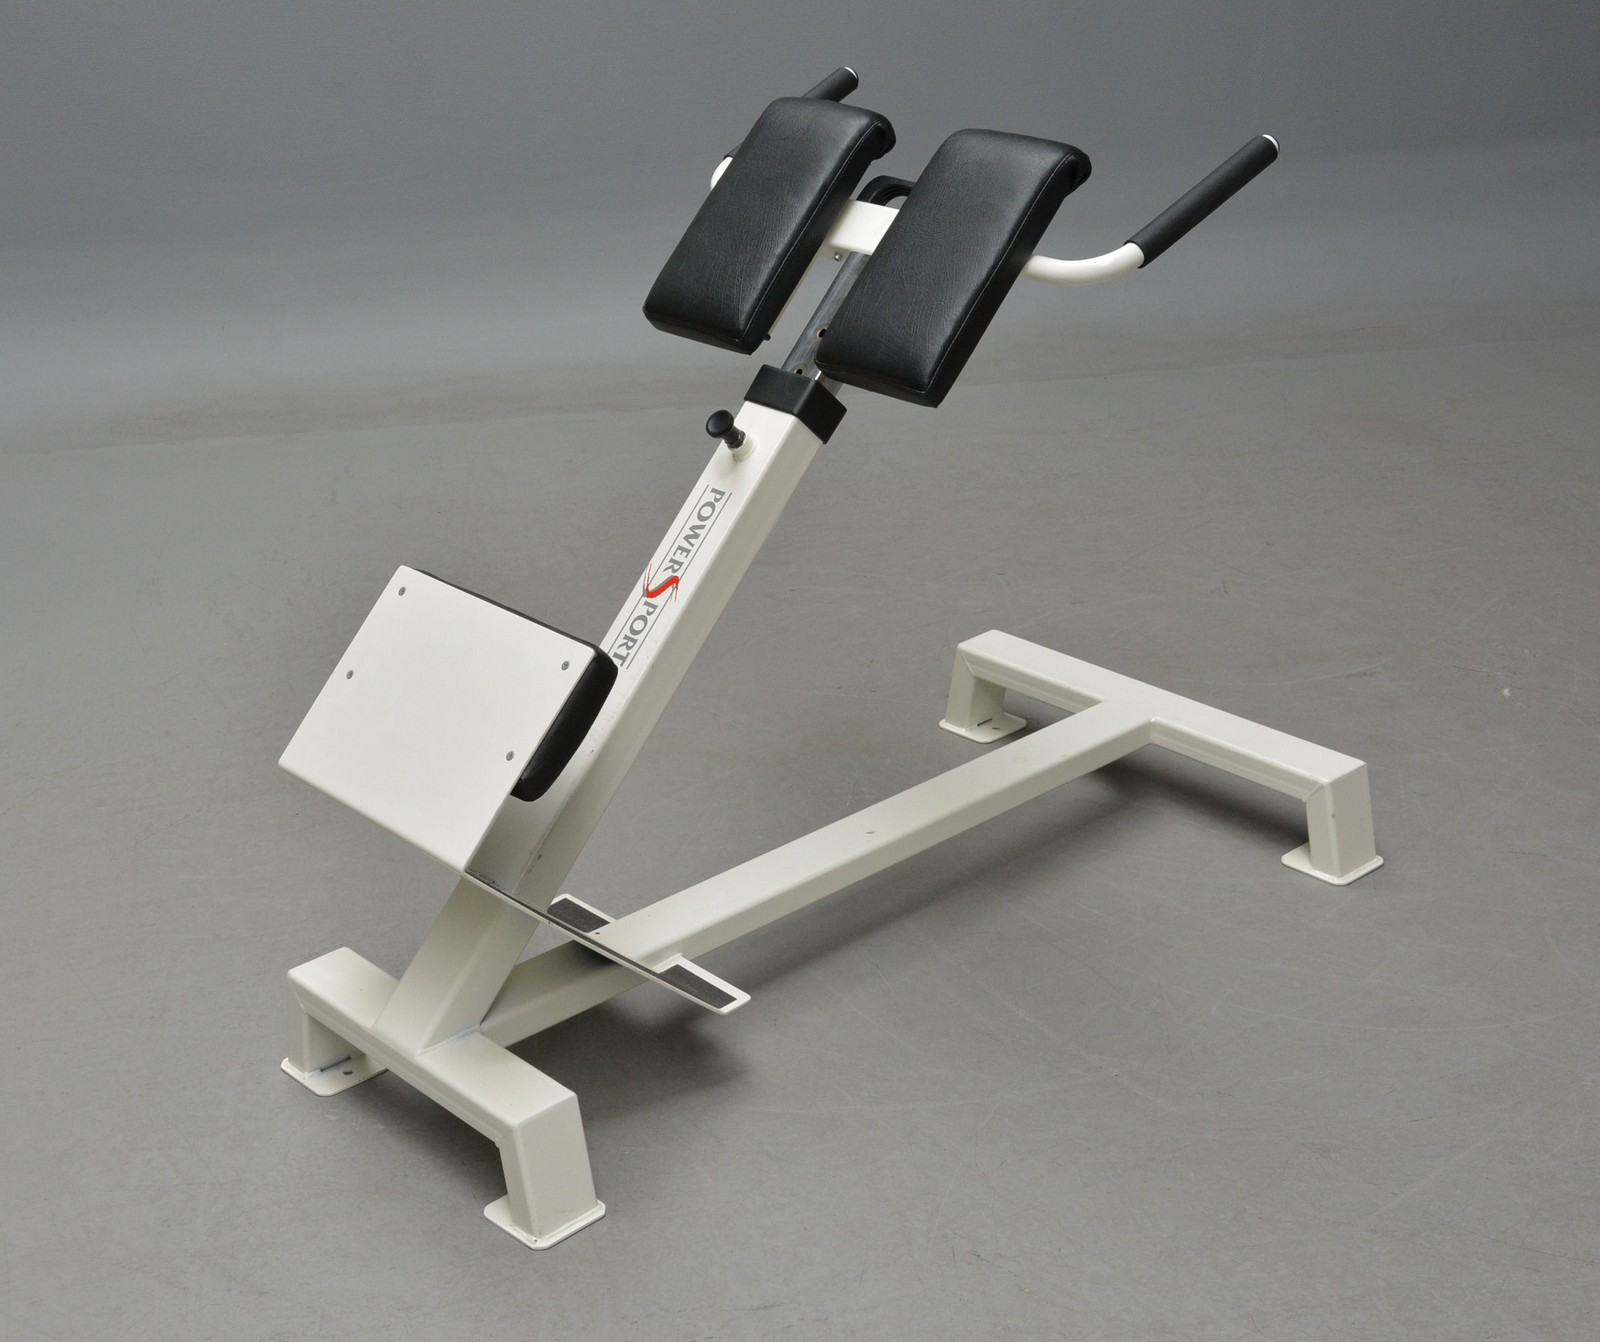 Power Sport; træningsbænk - Power Sport; justerbar træningsbænk. Fremstår med brugsspor. Mål; L 125 cm